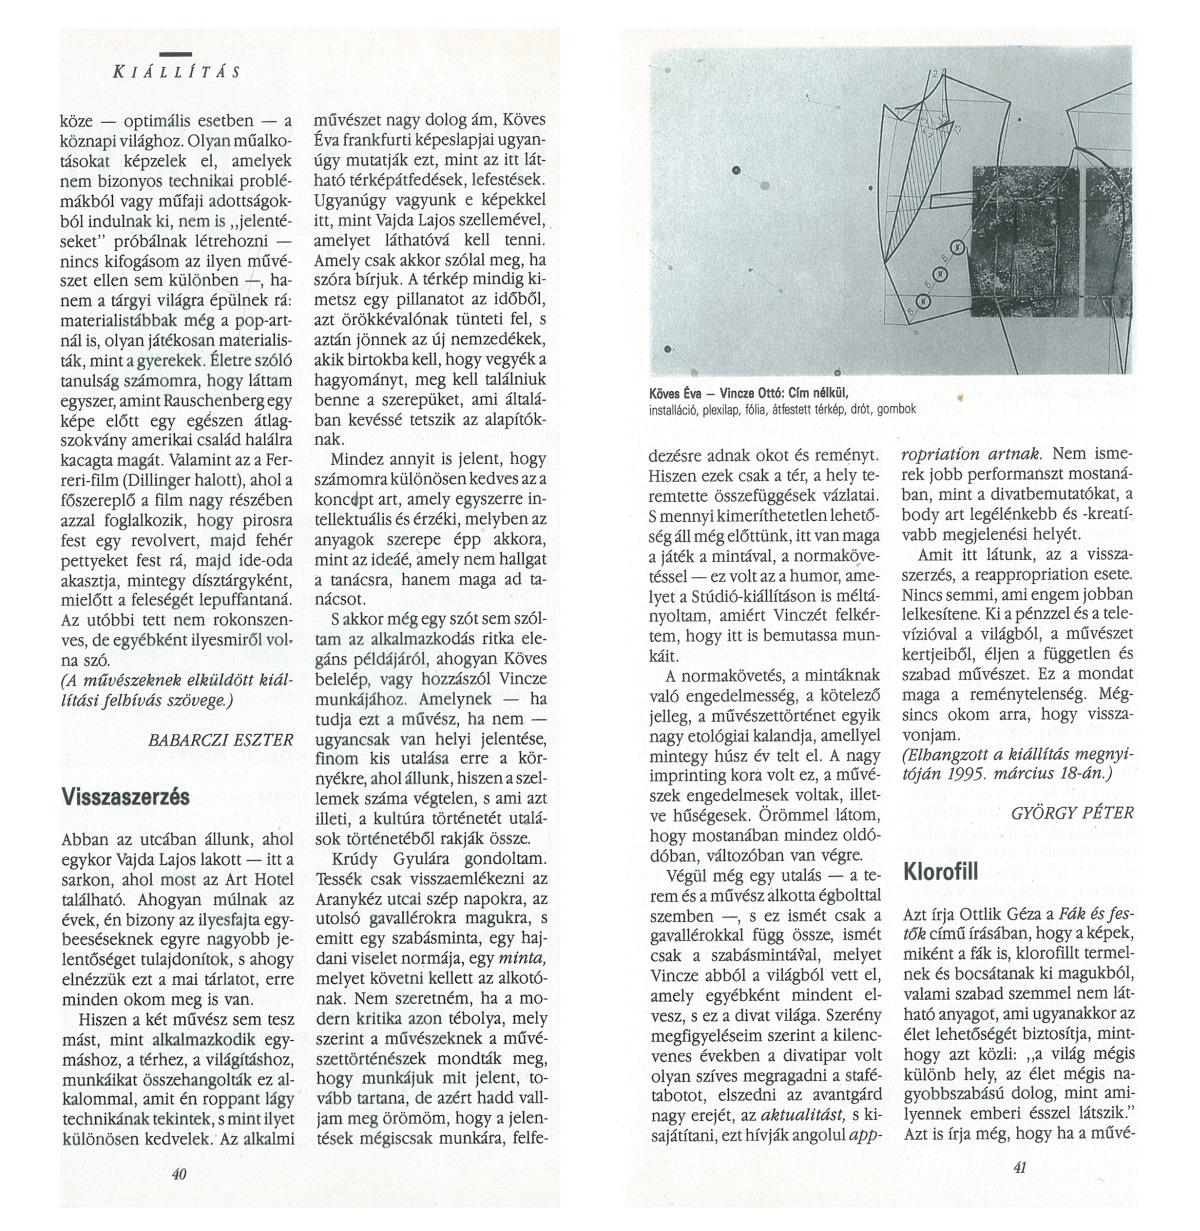 György Péter: Visszaszerzés, Új Művészet